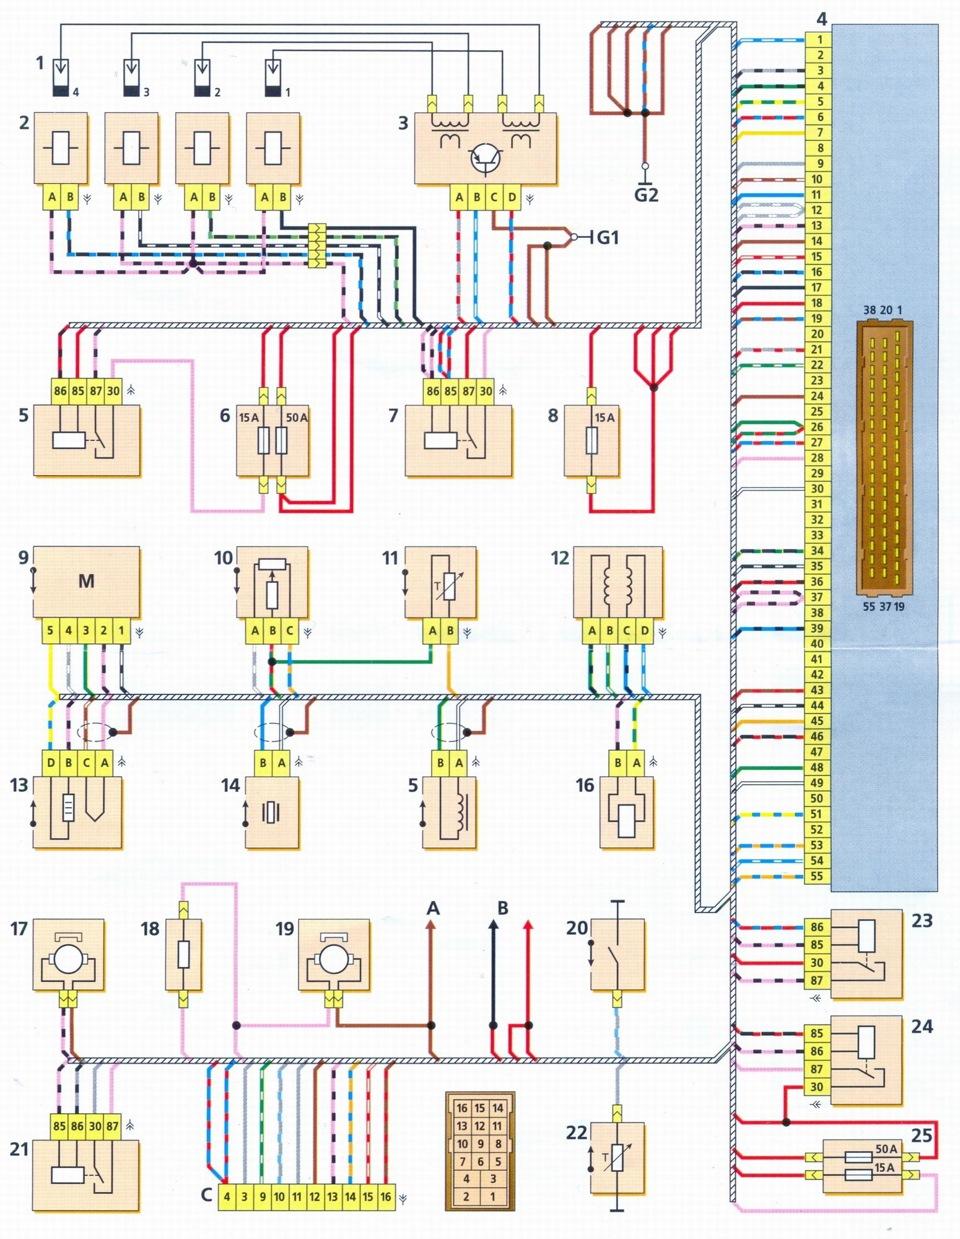 3c1f73cs 960 - Шеви нива электрическая схема